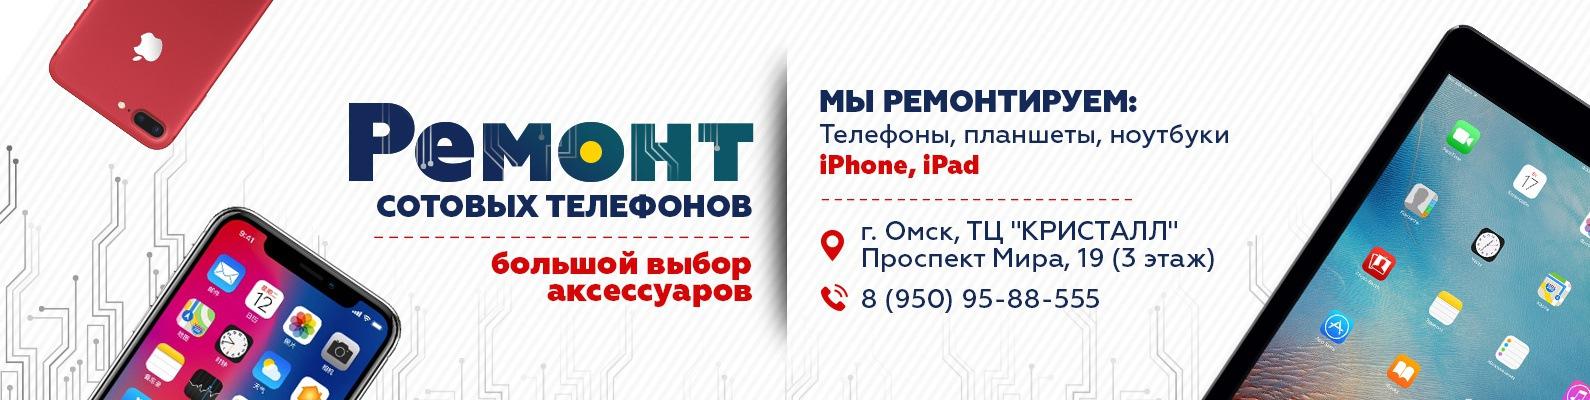 Ремонт iPhone в Омске (айфонов) телефонов. Чехлы  f3cbb2462103c